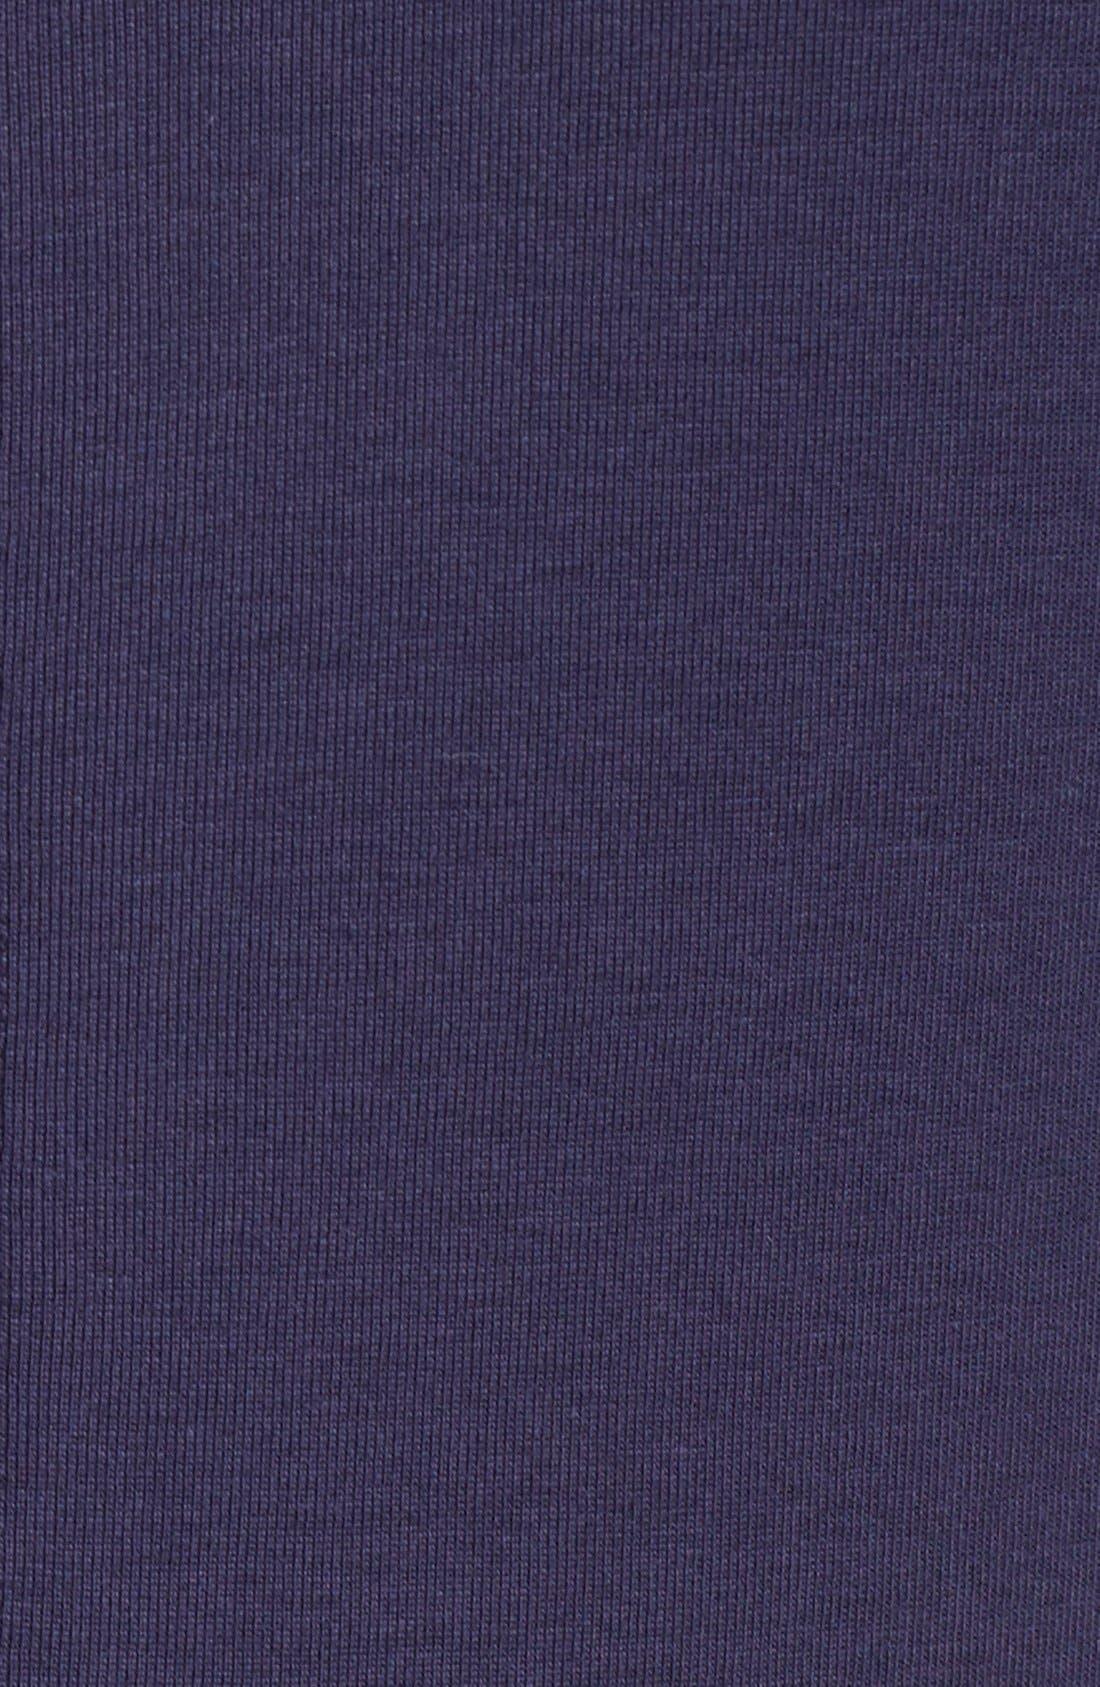 Short Sleeve V-Neck Tee,                             Alternate thumbnail 146, color,